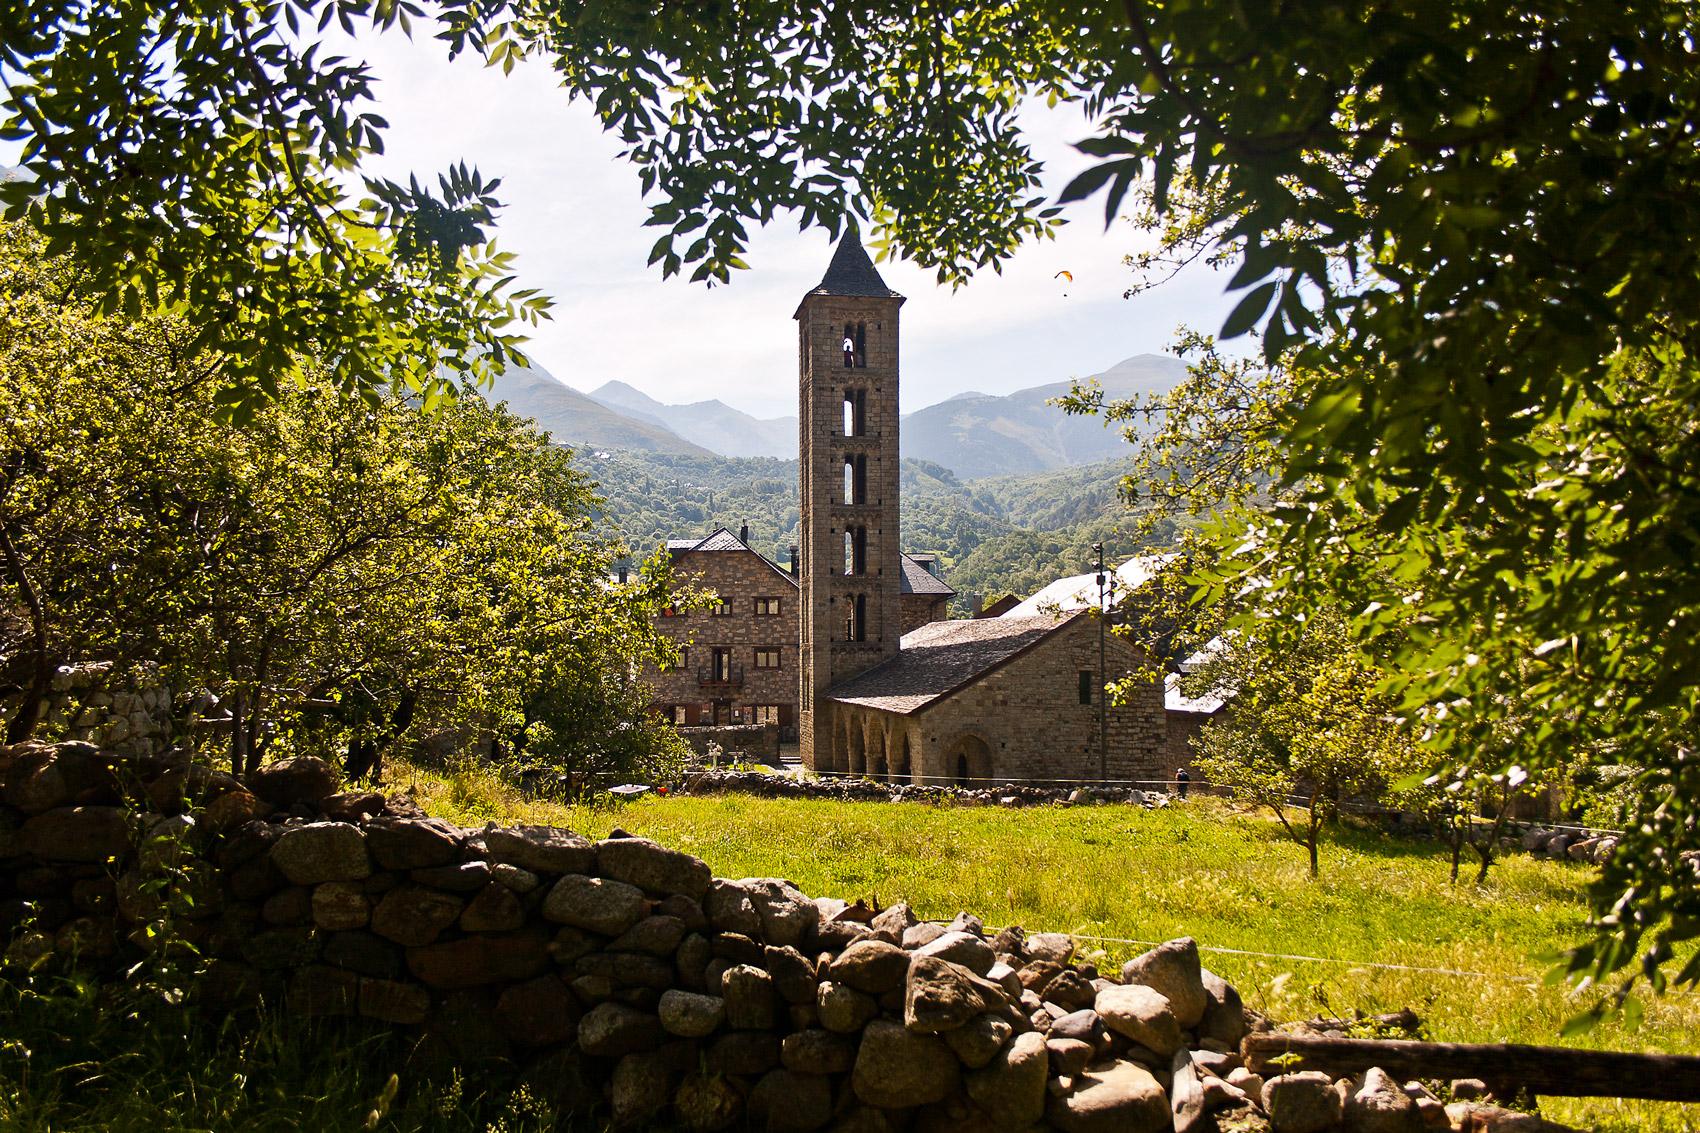 Eglise romane, Santa Eulàlia d'Erill la Vall © Miguel Ángel Herrero Varela